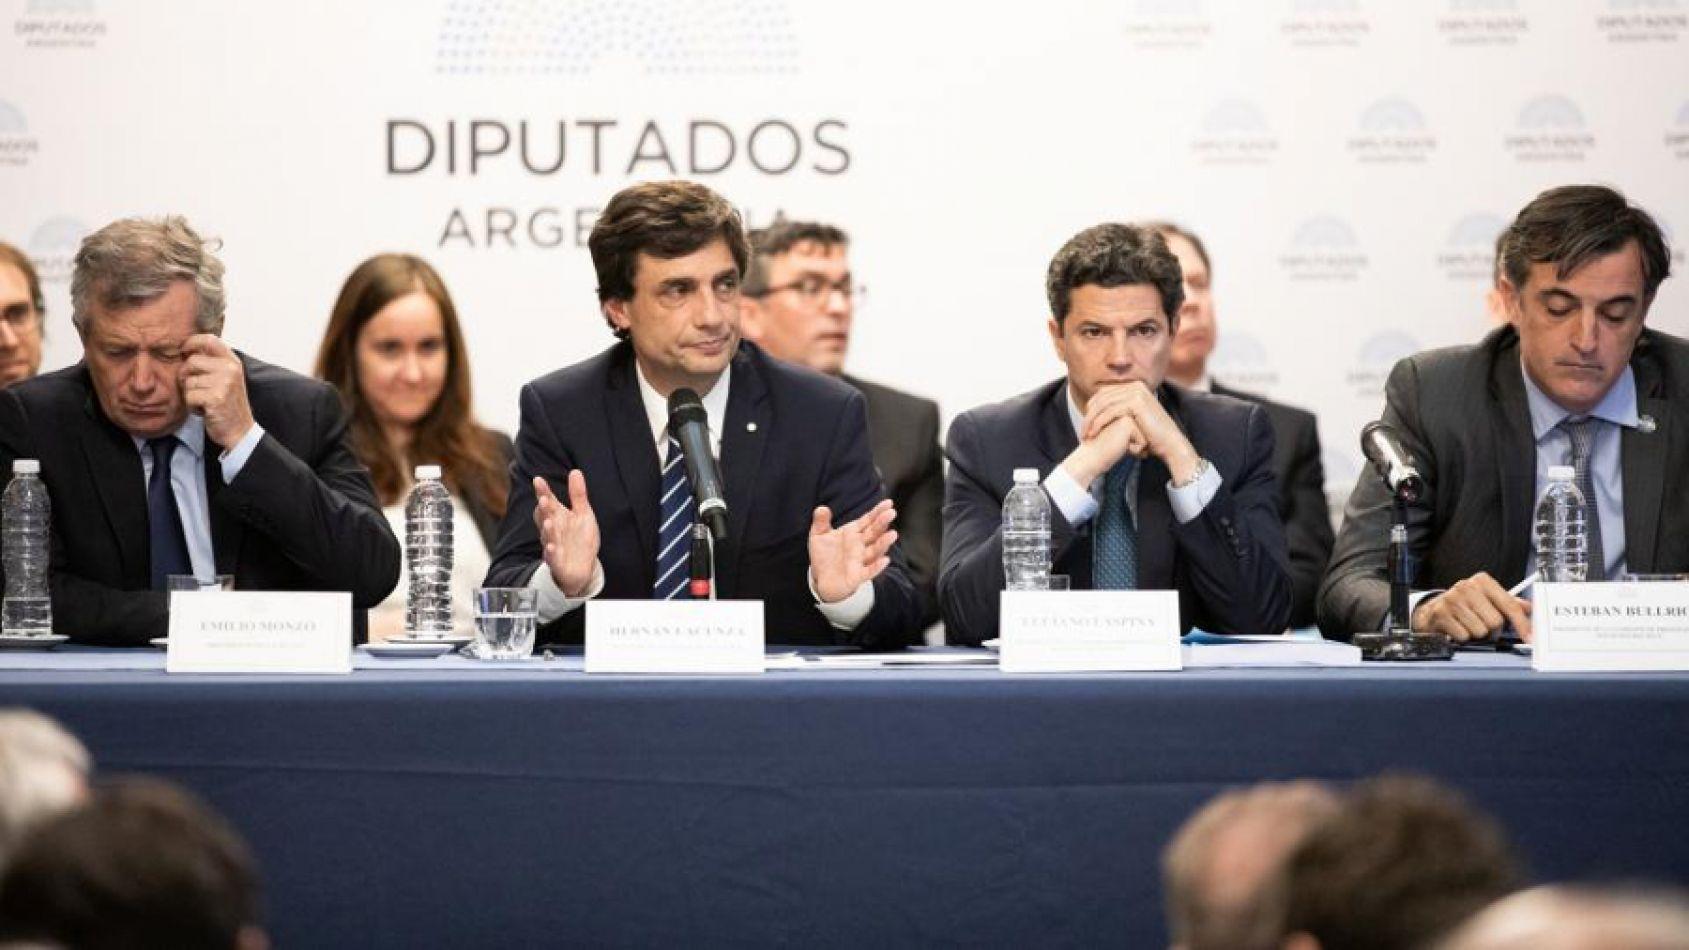 Foto: Joaquín Salguero